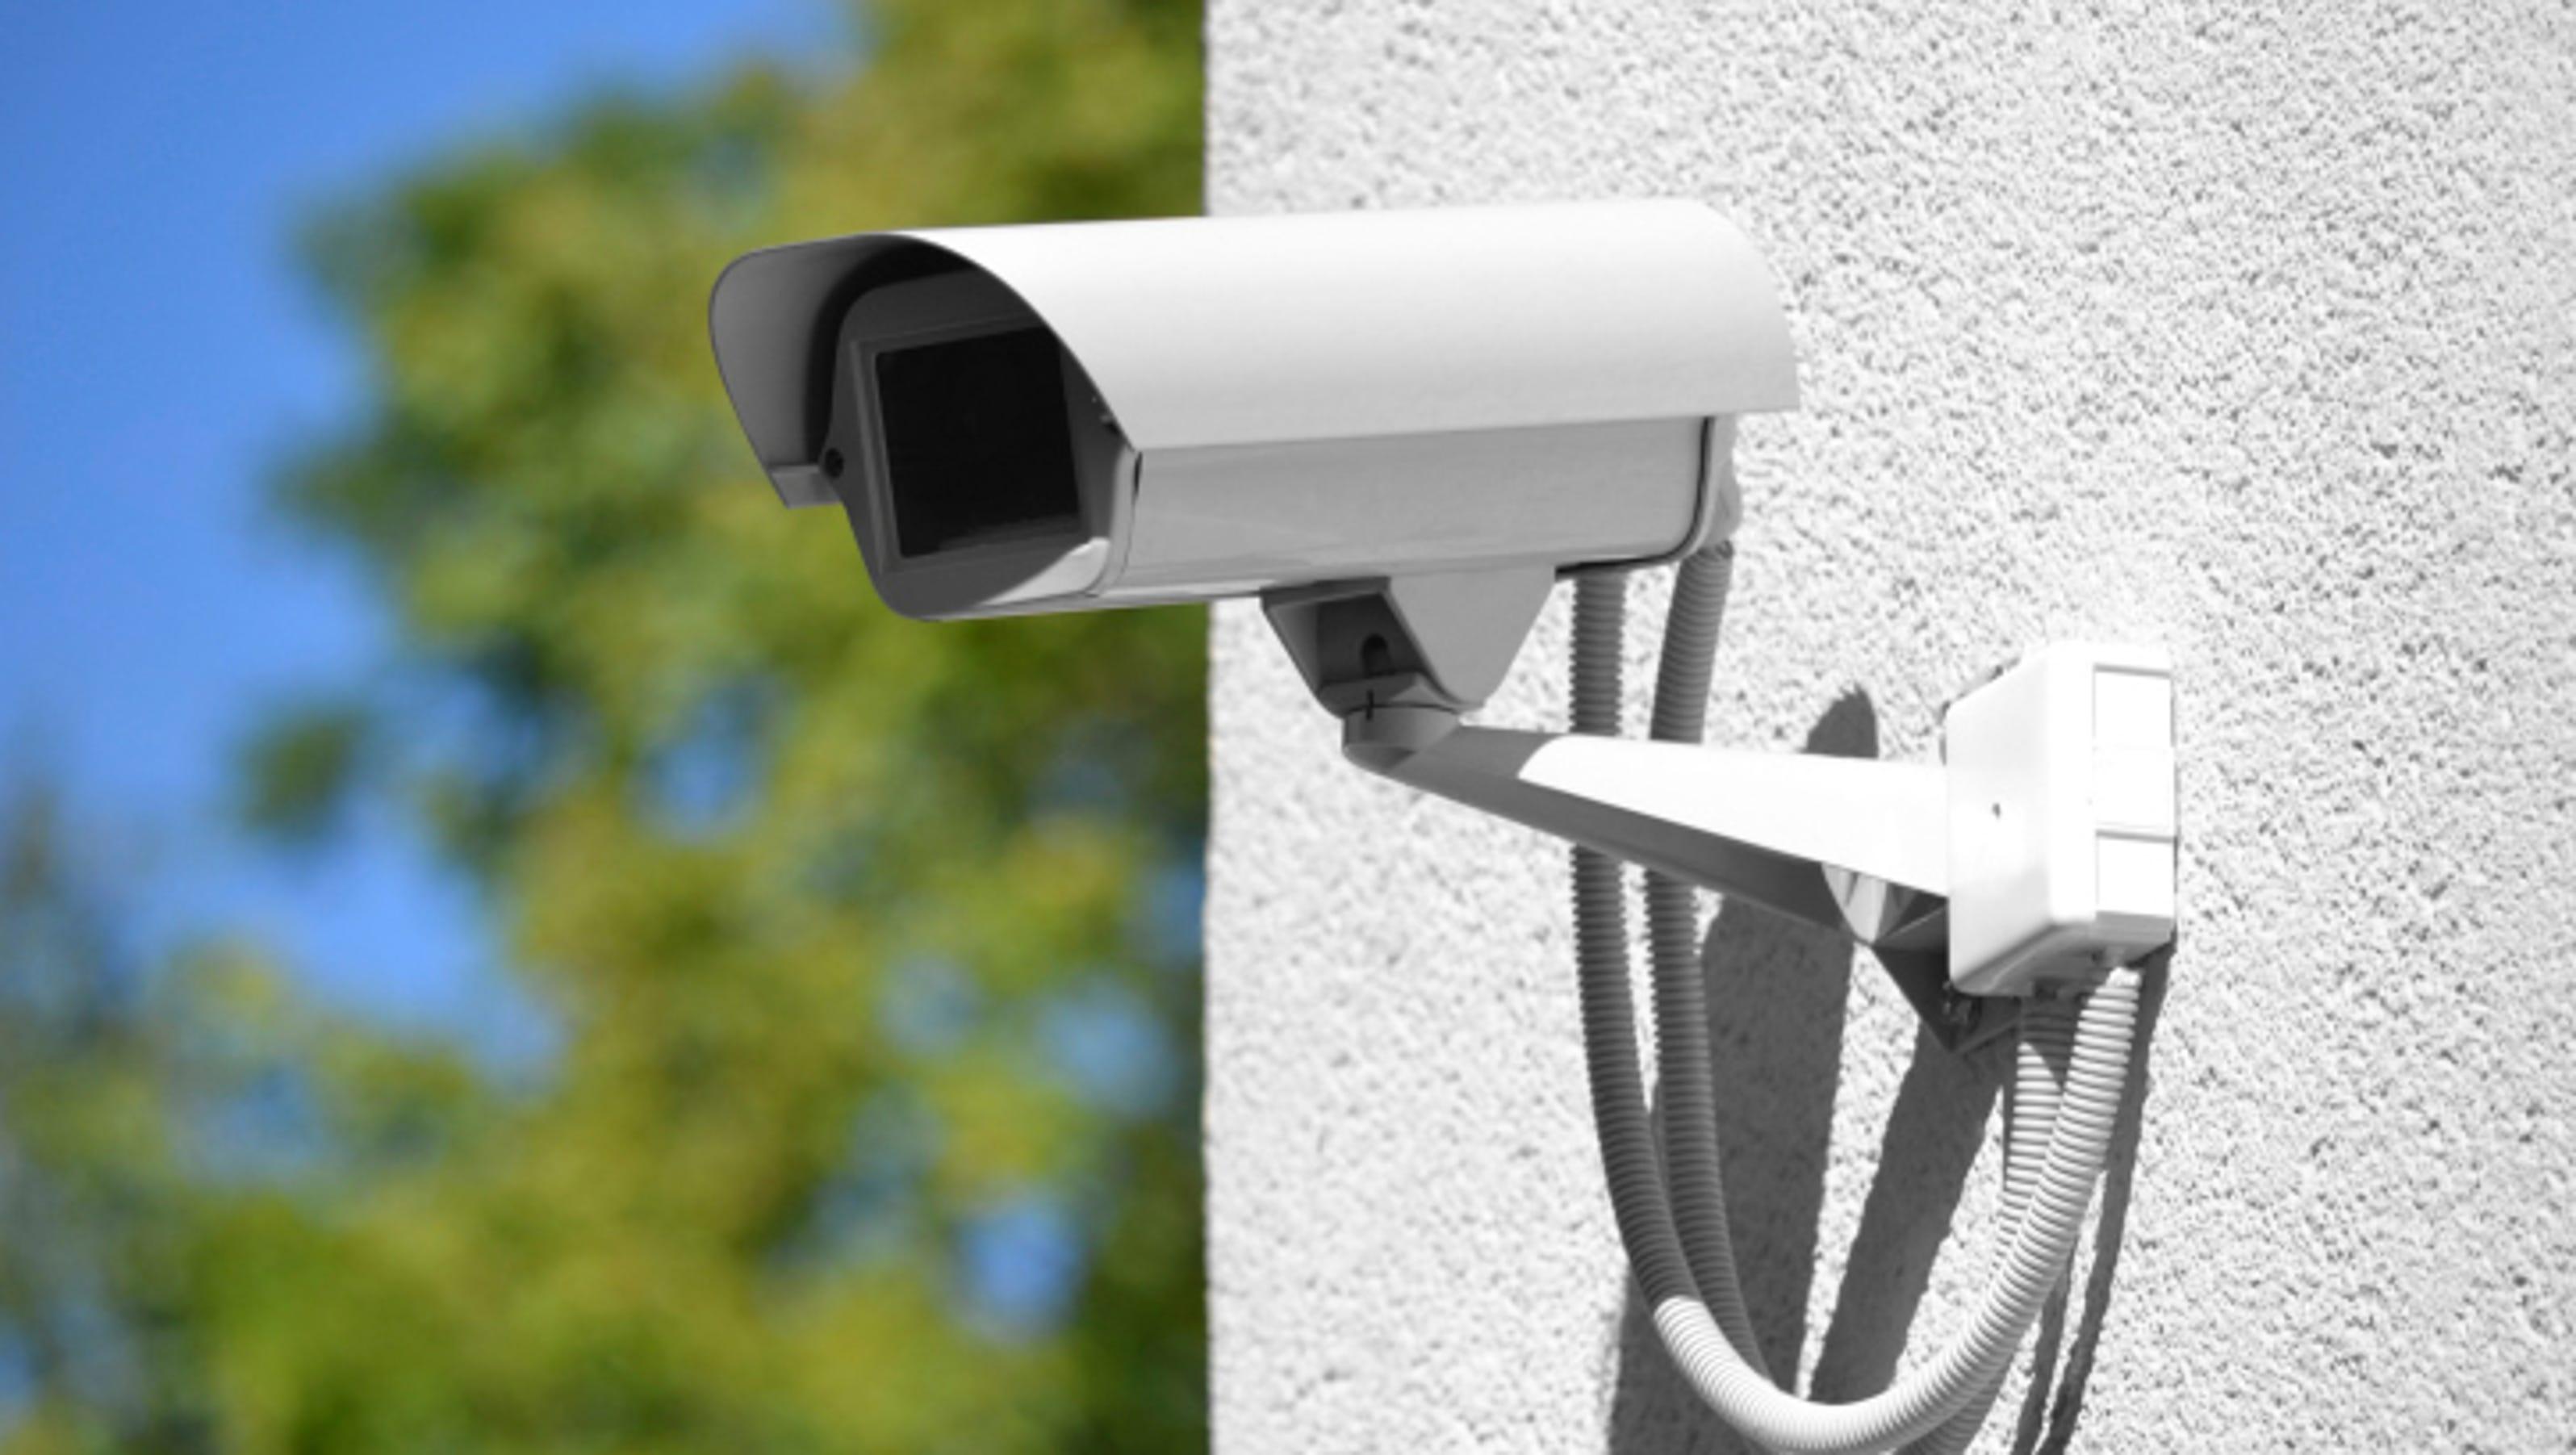 Website live streaming unsecured webcams for Live camera website